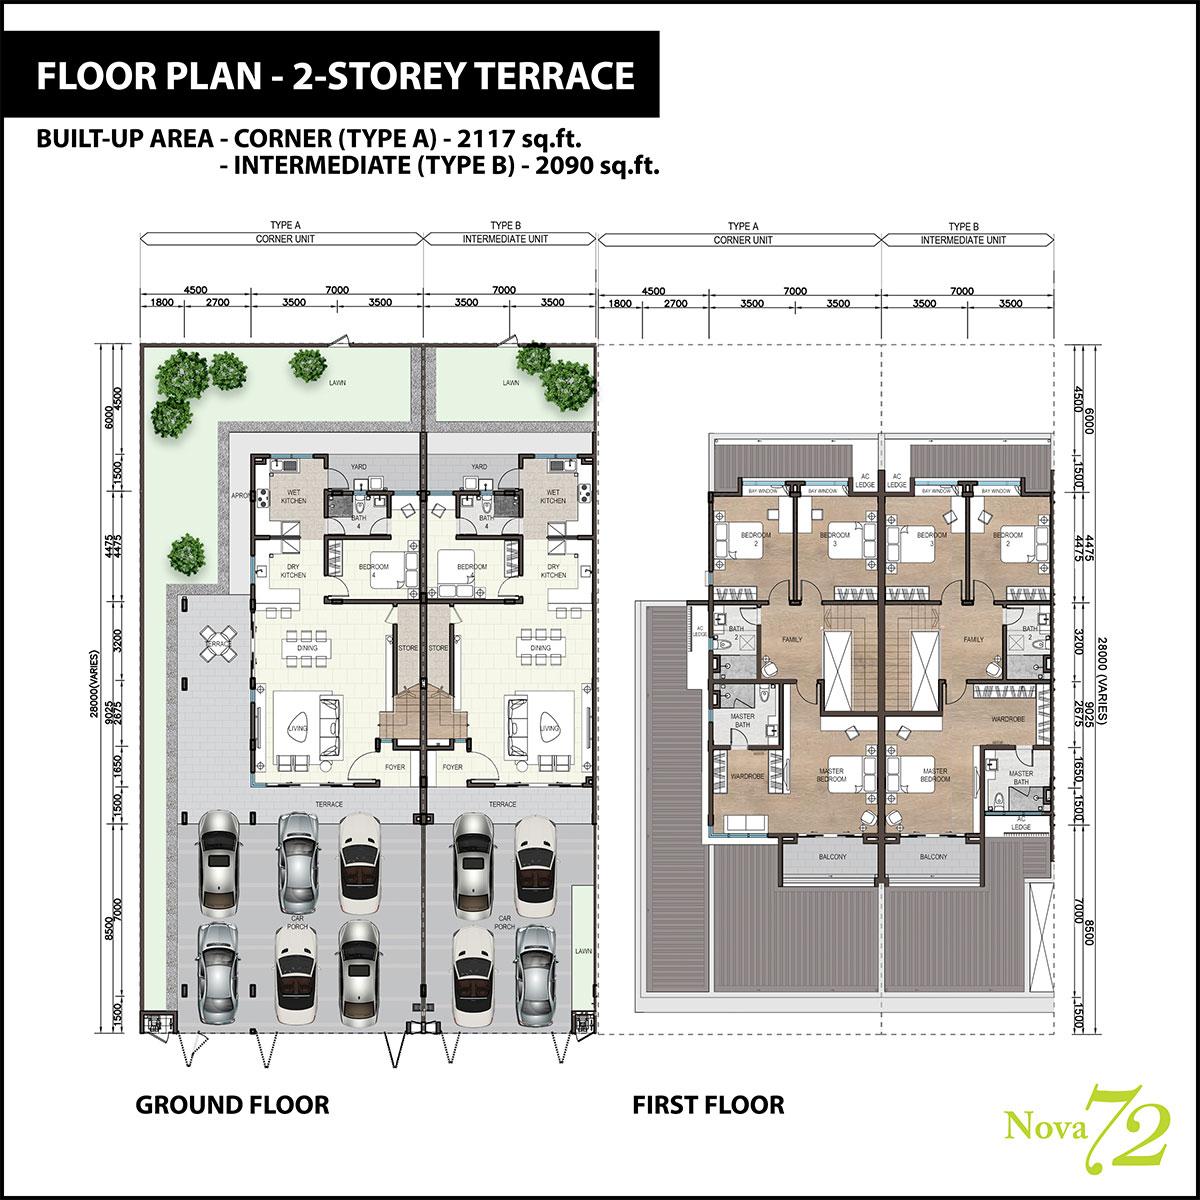 2-storey Terrace Floor Plan